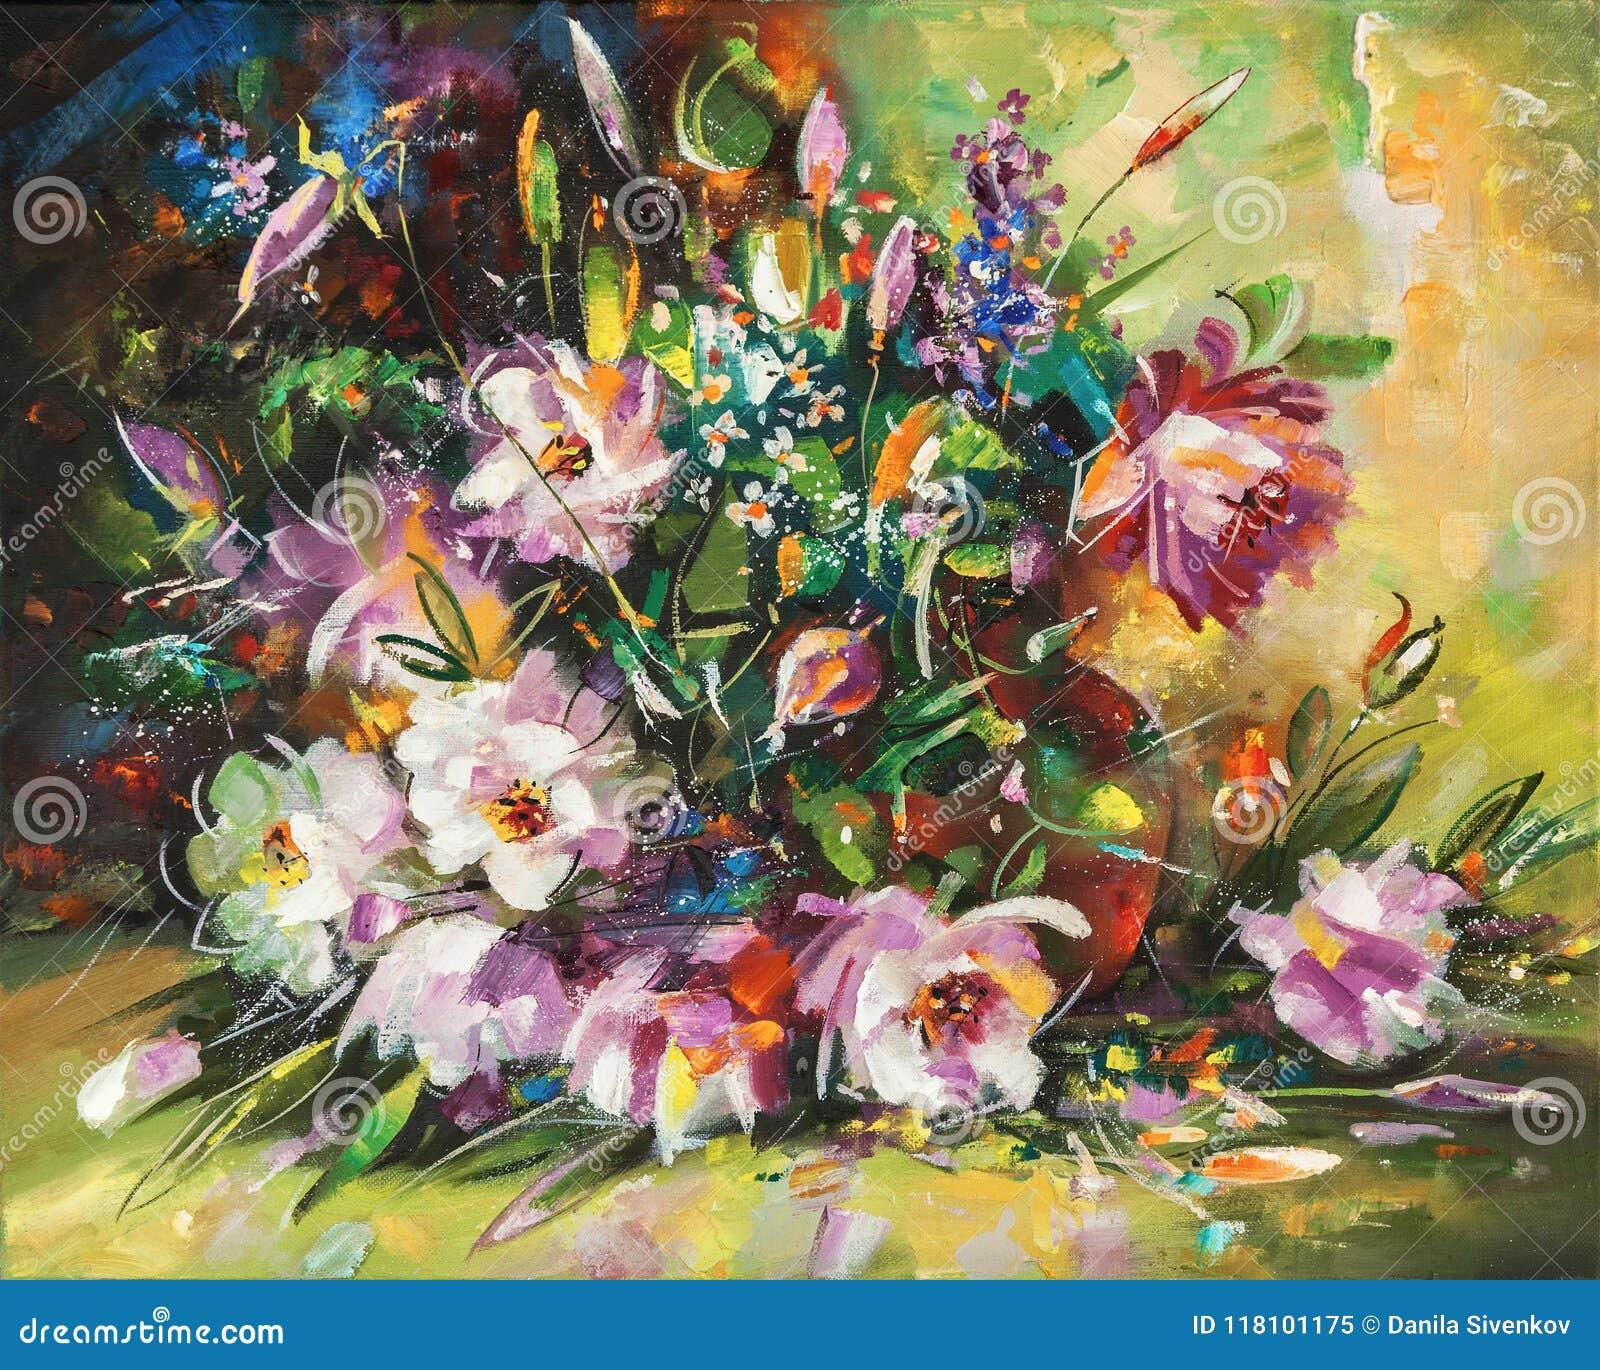 Artwork. Flowers. Author: Nikolay Sivenkov.